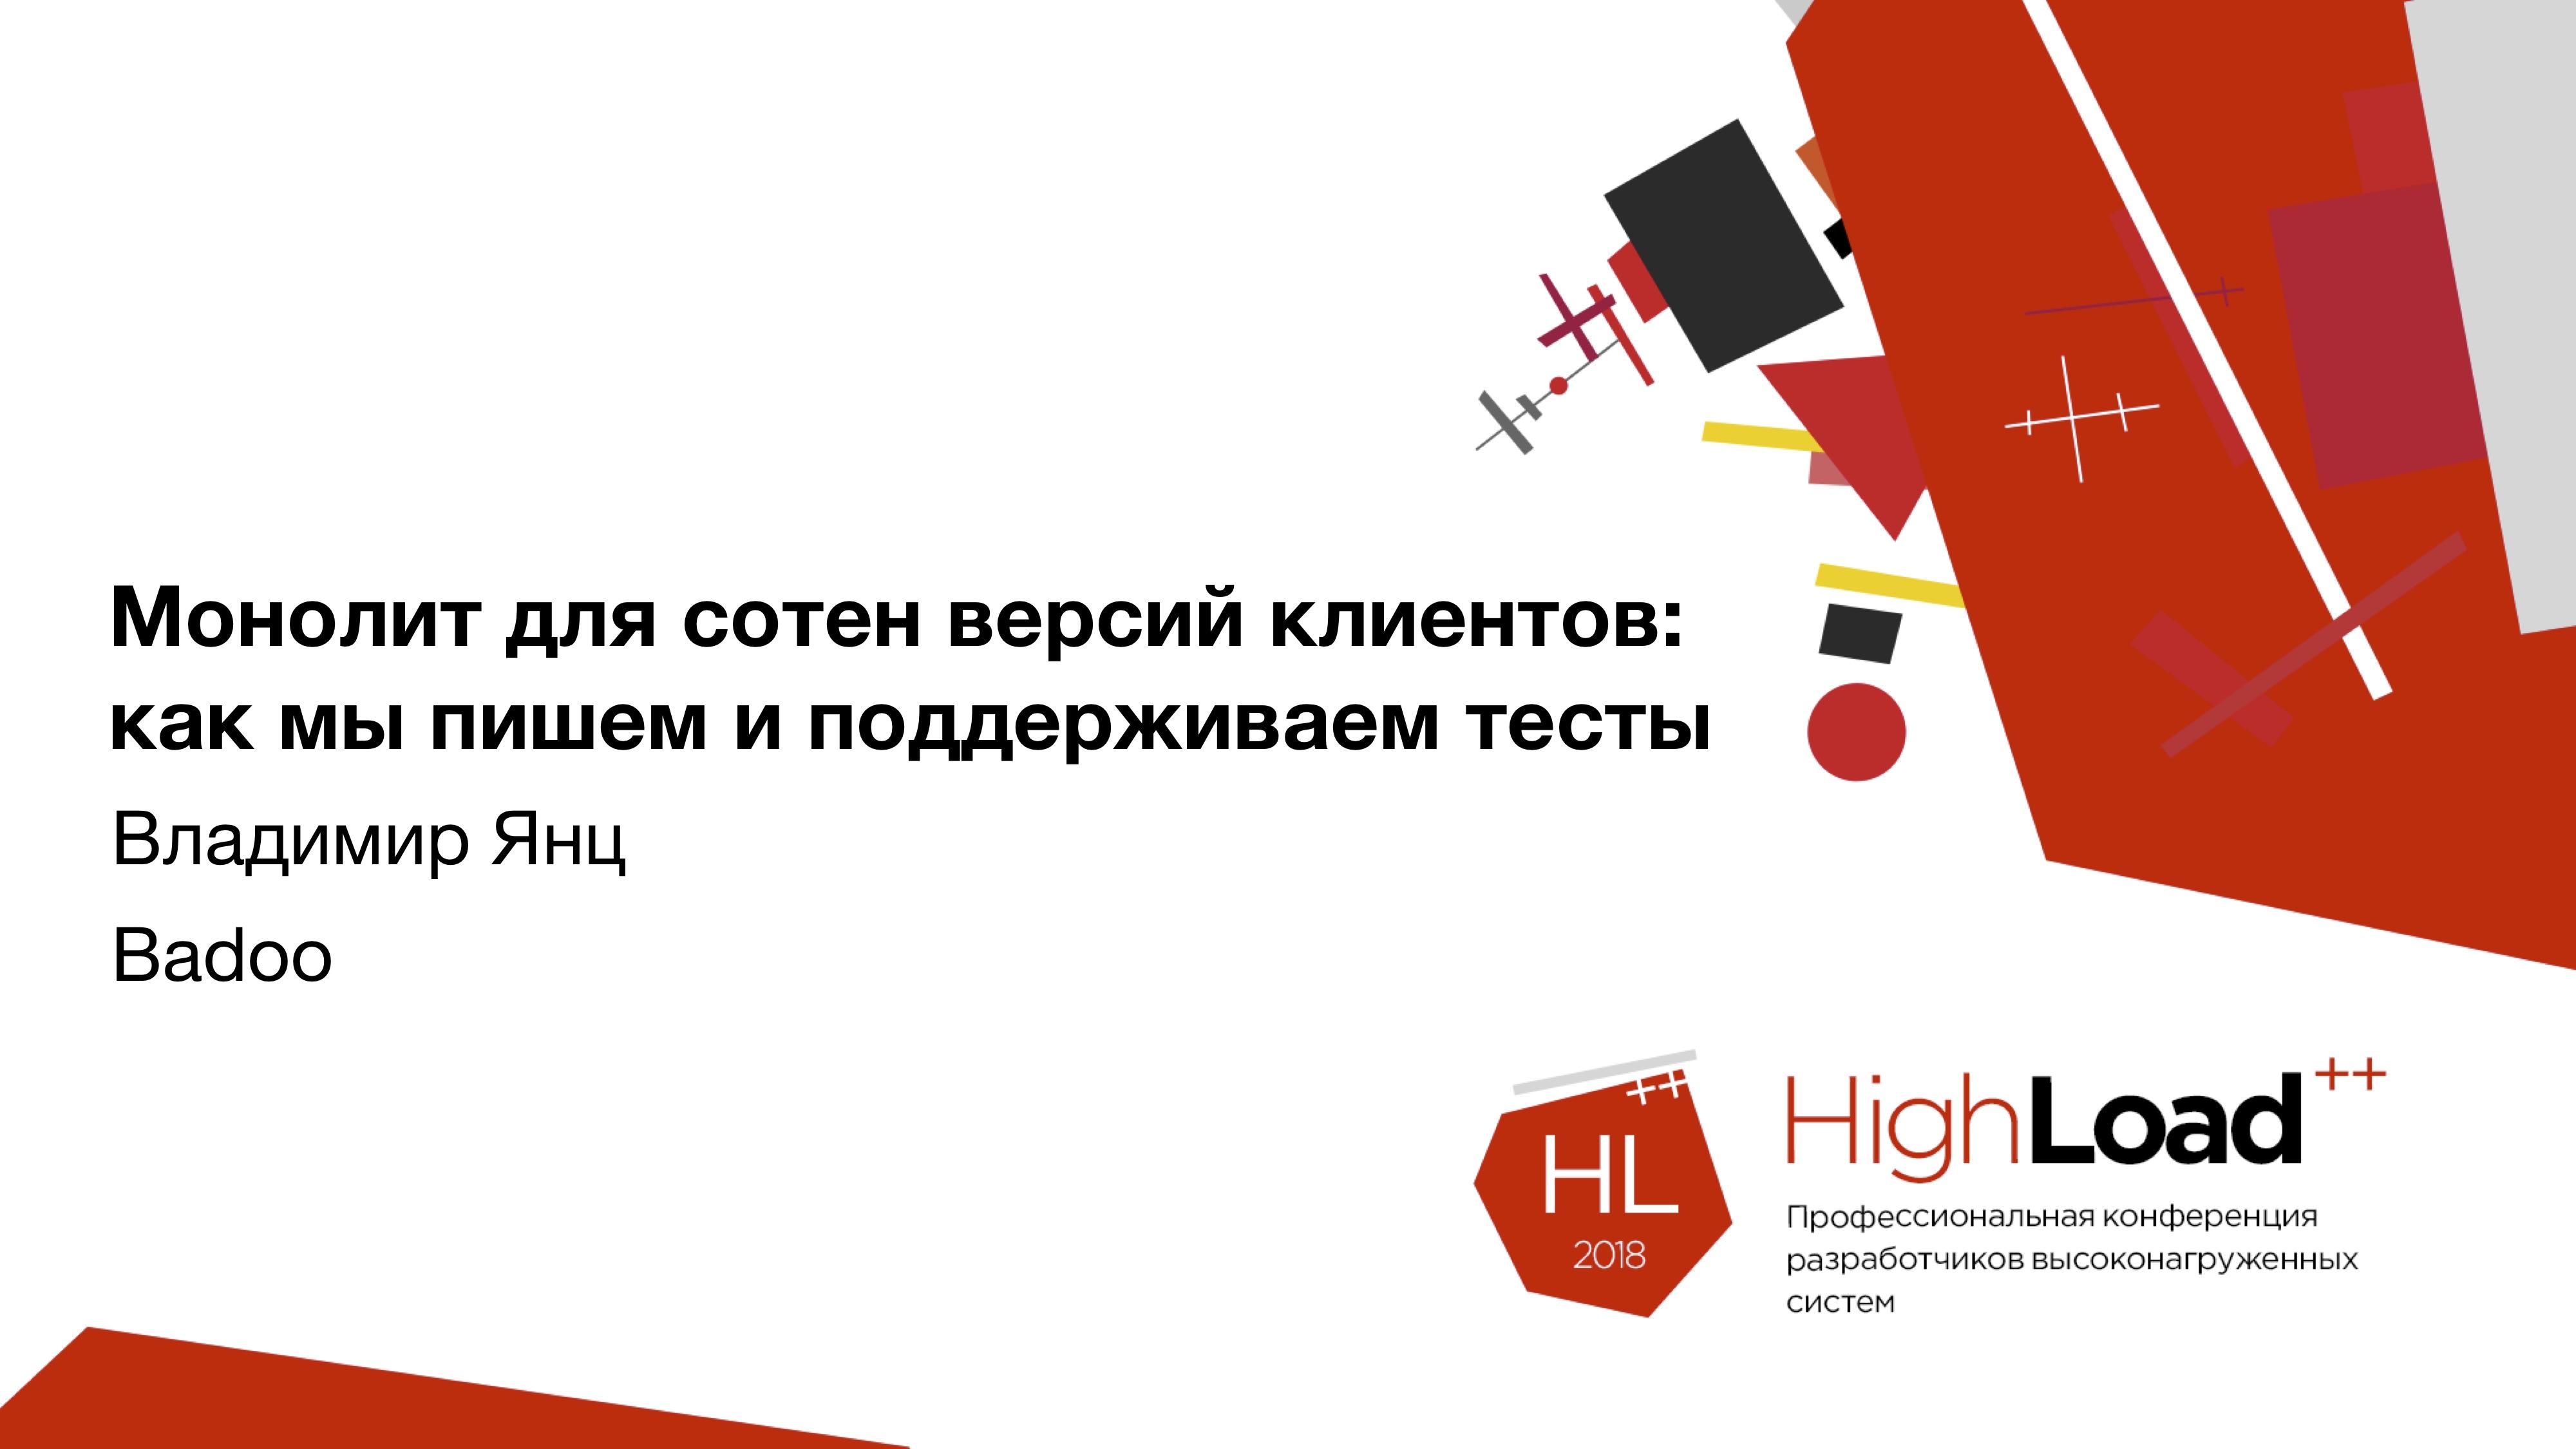 Конспект доклада «Монолит для сотен версий клиентов» (HL2018, Badoo, Владимир Янц)